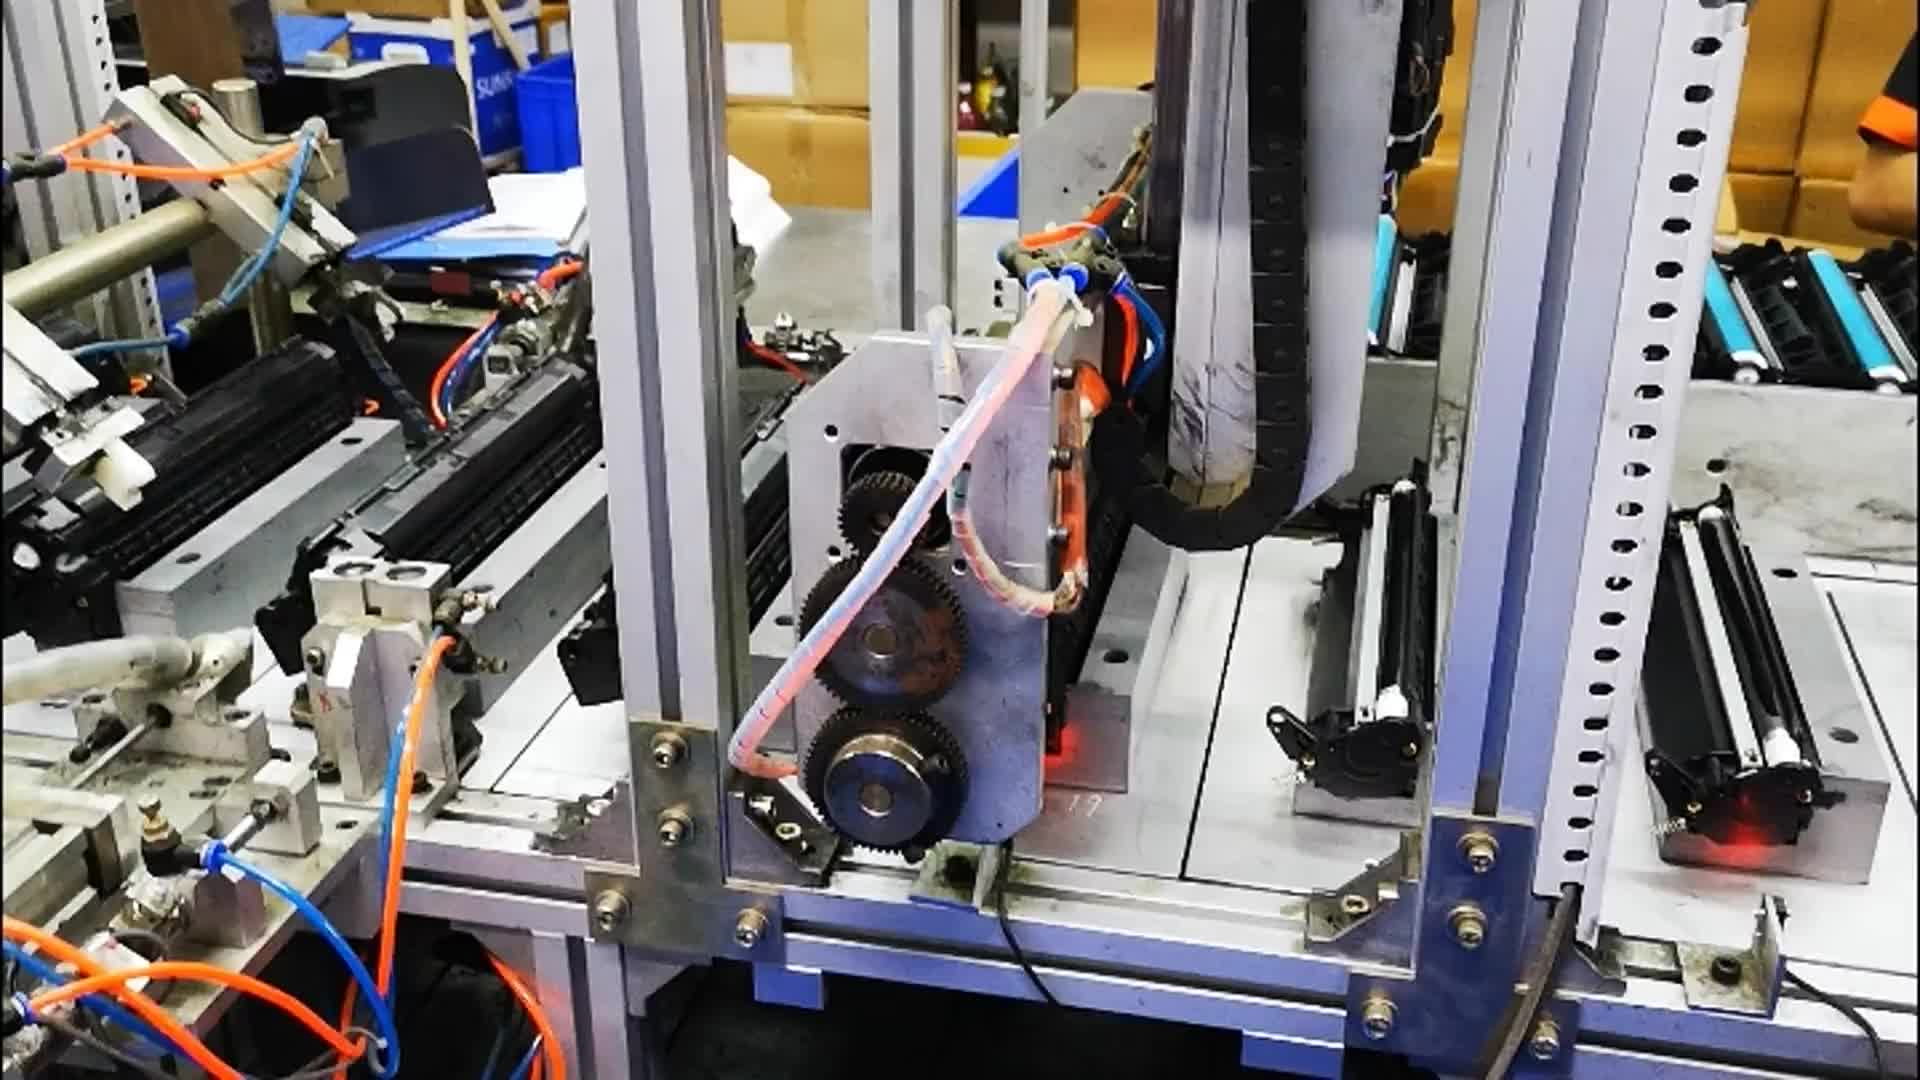 Disposition de faible coût stocklot qualité d'origine générique couleur laser cartouches de toner d'imprimante ep26 26a 26x 304a jaune 283a cb435a